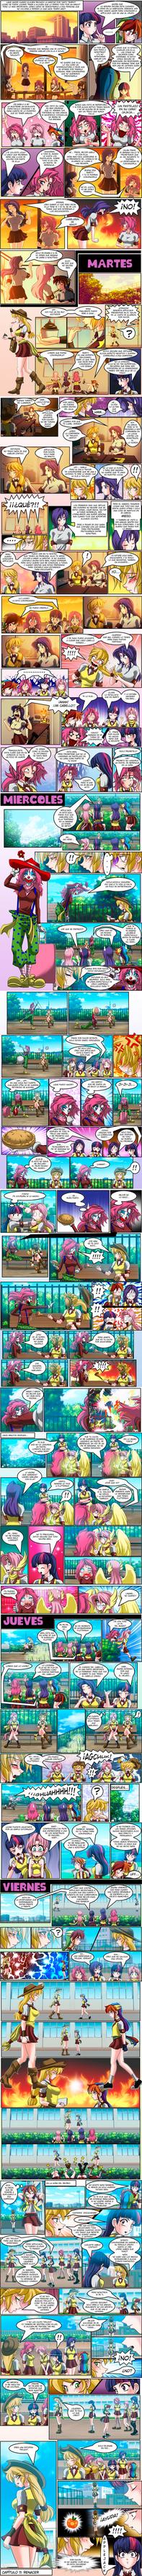 la magia de la amistad 11